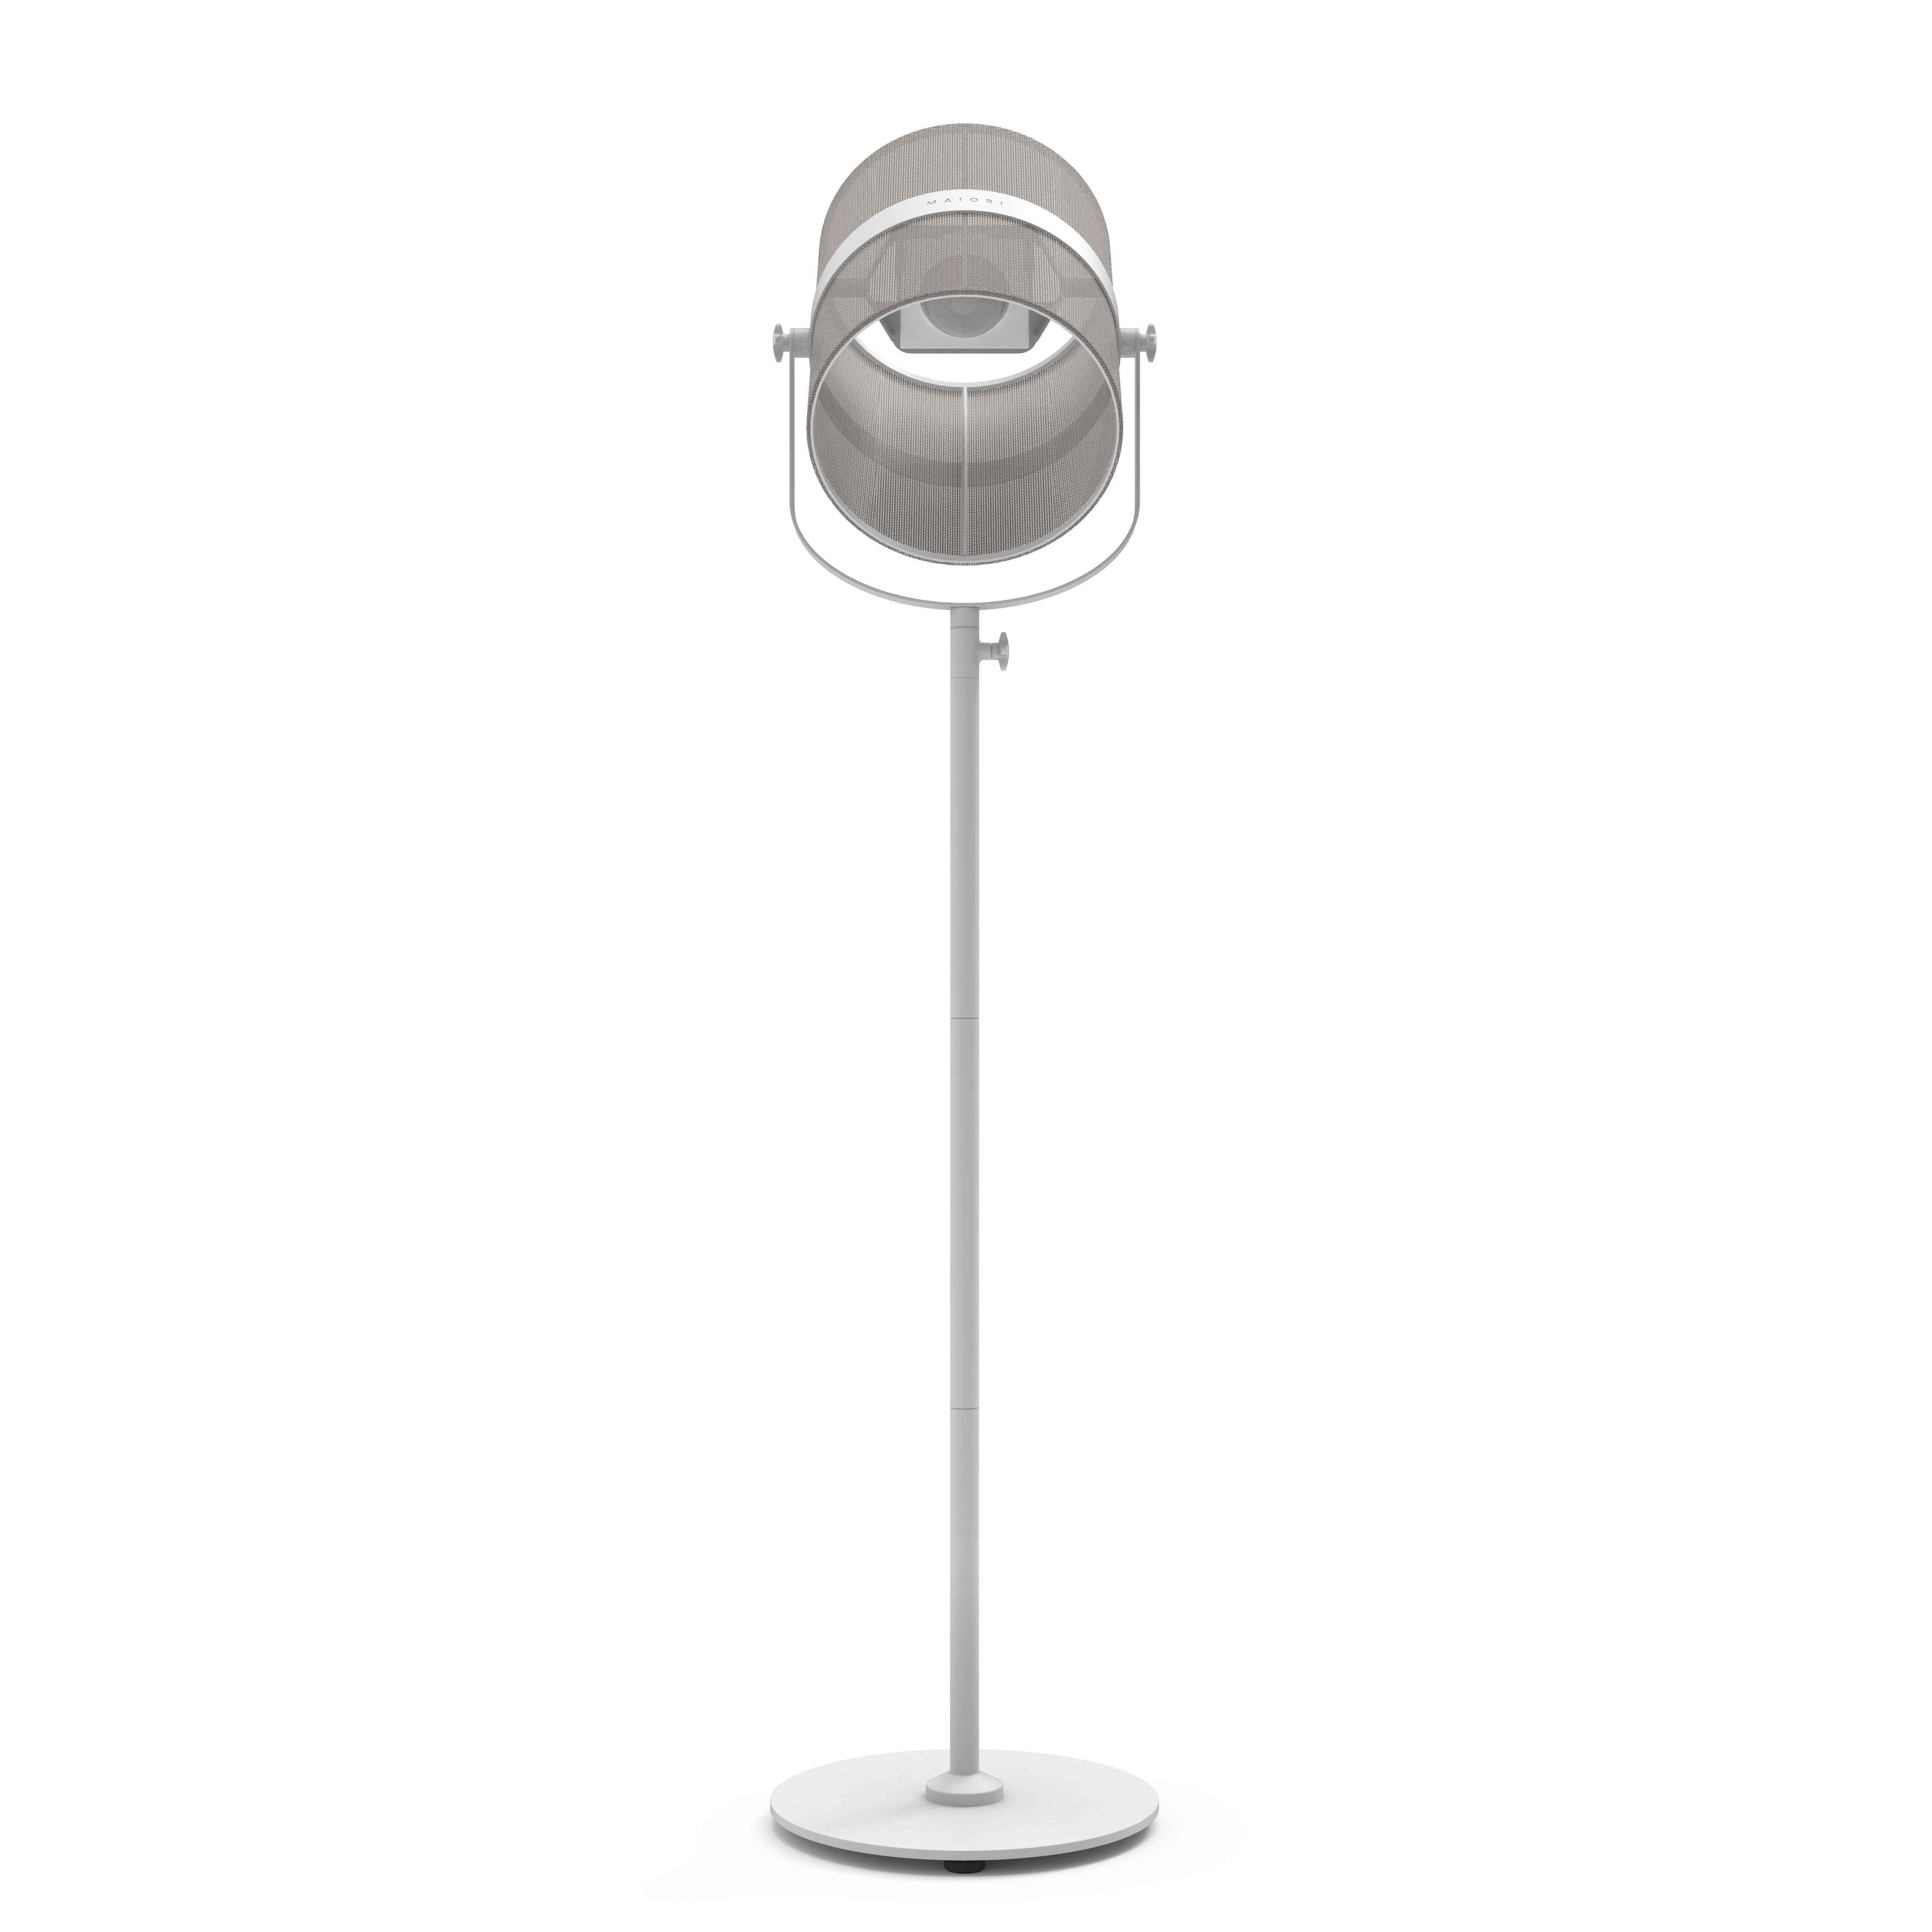 Leuchten - Stehleuchten - La Lampe Paris LED Solarleuchte / kabellos - Maiori - Helles Taupe / Ständer weiß - bemaltes Aluminium, Gewebe